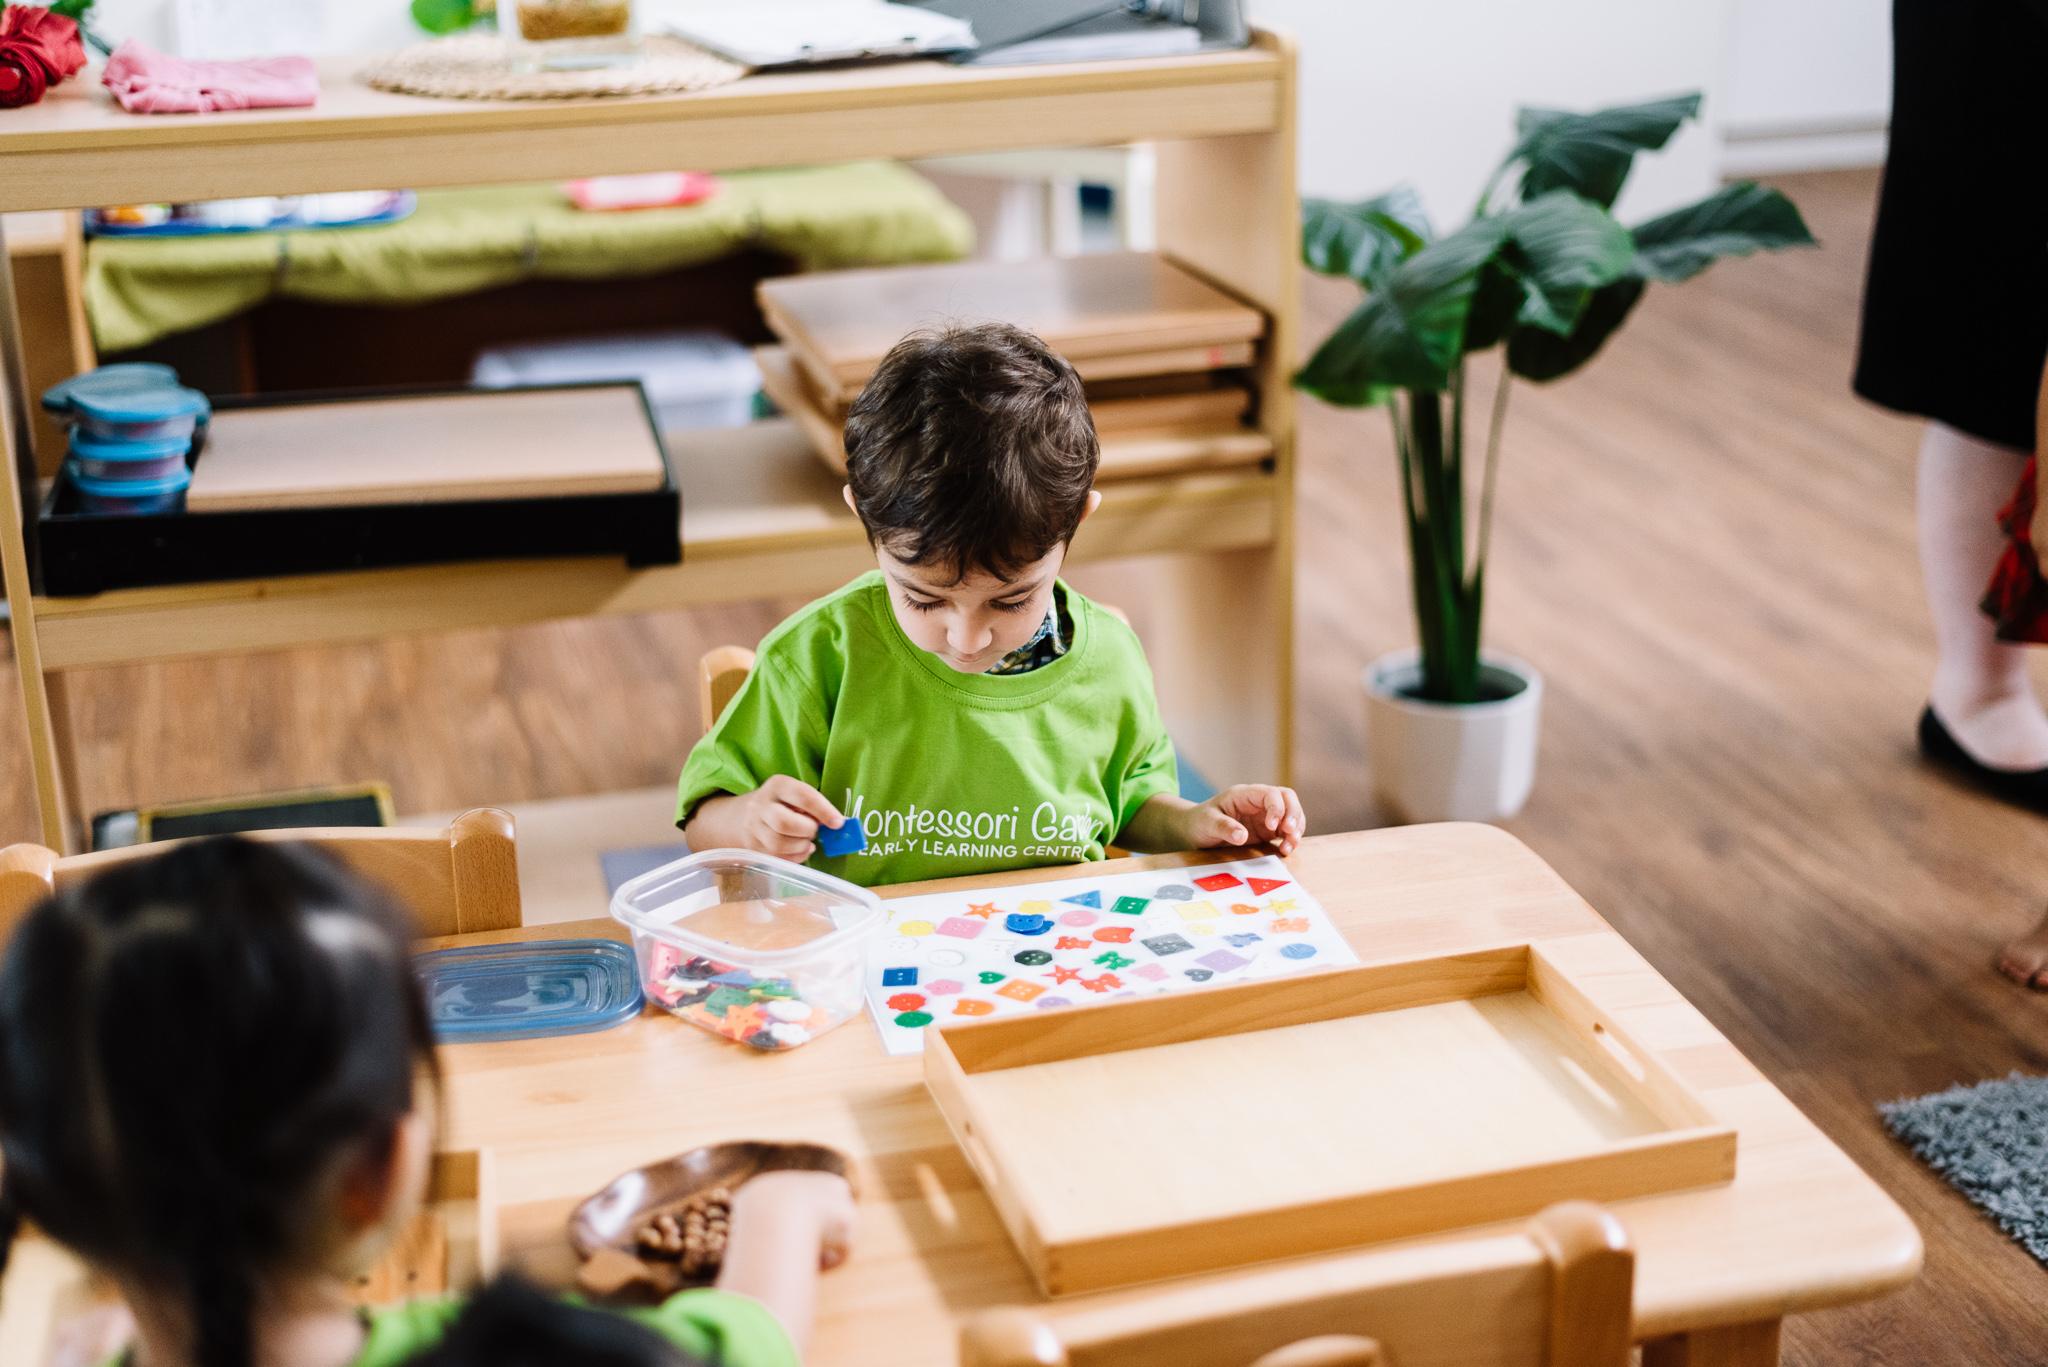 MontessoriGarden_YMoosa-13.jpg